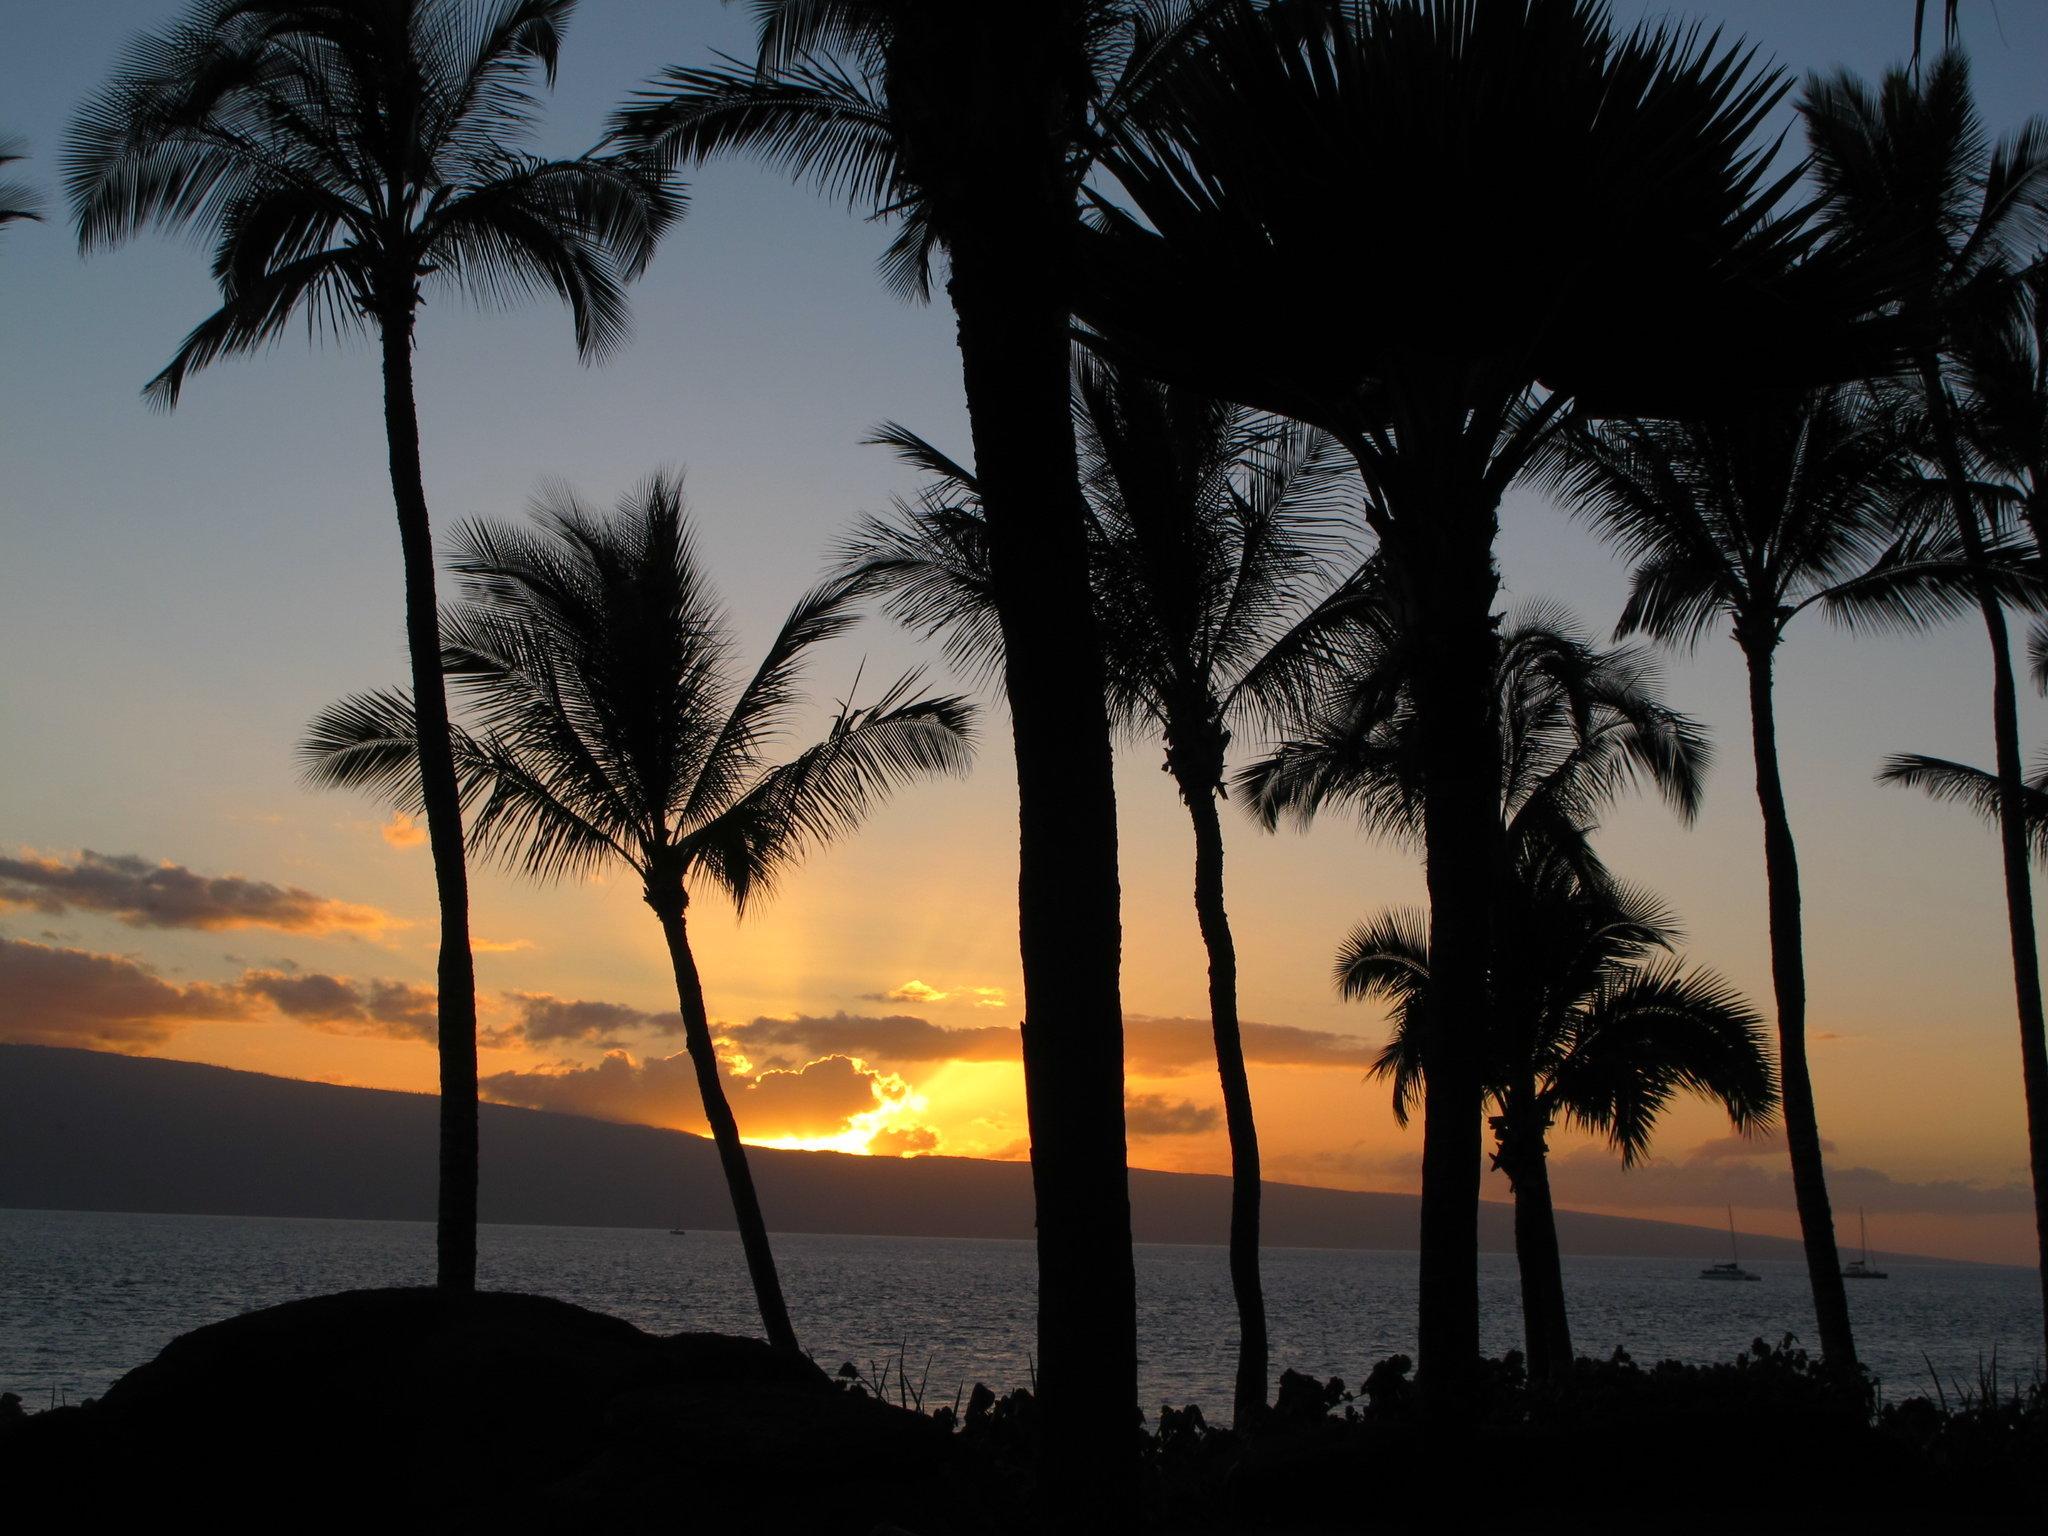 © CORDAY - Lahaina Aloha